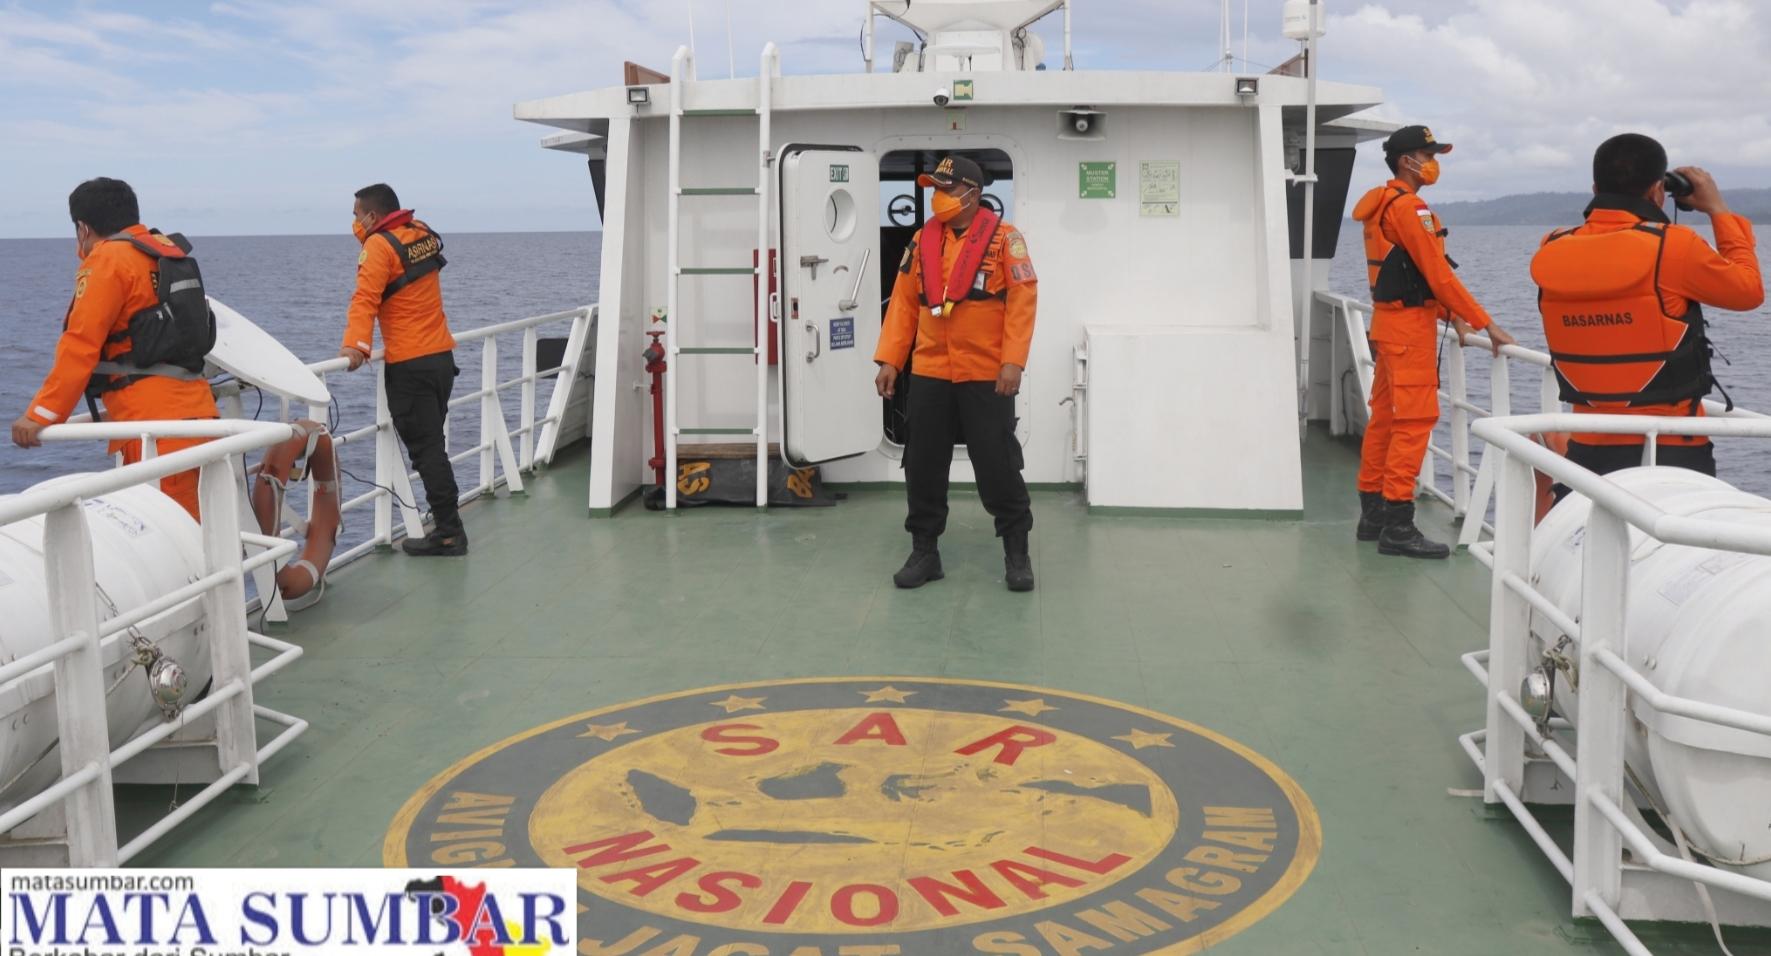 Pencarian Kapal Hilang Kontak POB 4 Orang Masih Nihil, Tanda-tanda Belum di Temukan Secara Akurat